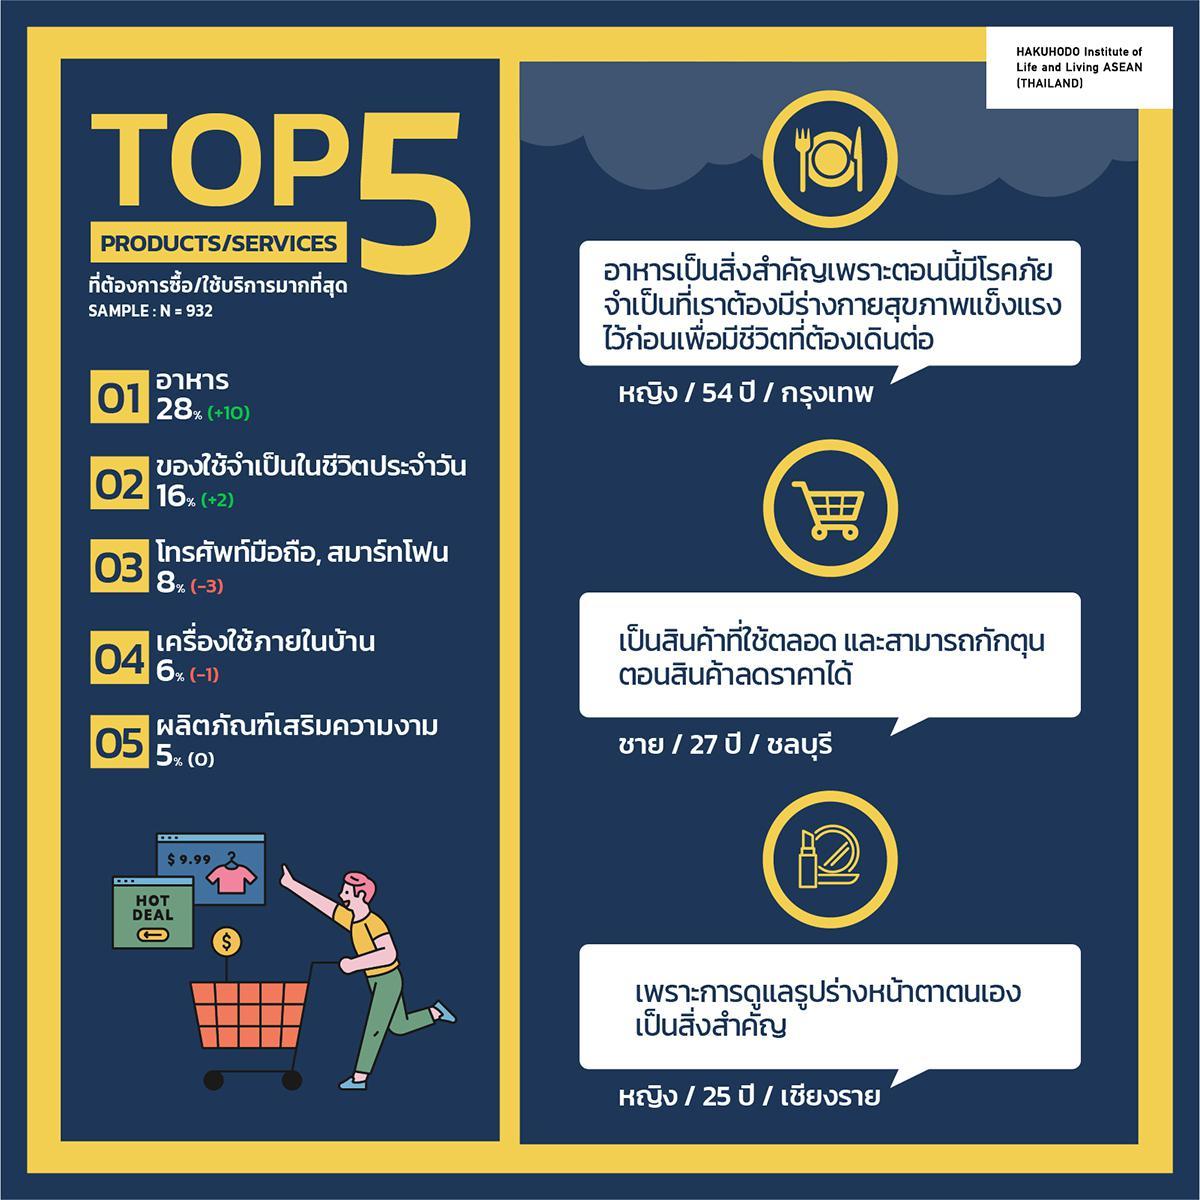 """ฮาคูโฮโด ชี้โควิด-19 ระลอก 3 คนไทยตื่นลงทุน """"หุ้น - บิทคอยน์"""" เพิ่มต่อเนื่อง พร้อมเปิดโพล 5 สินค้ากำลังซื้อสูง ในภาวะรัดเข็มขัด-คุมเข้มการใช้จ่าย"""